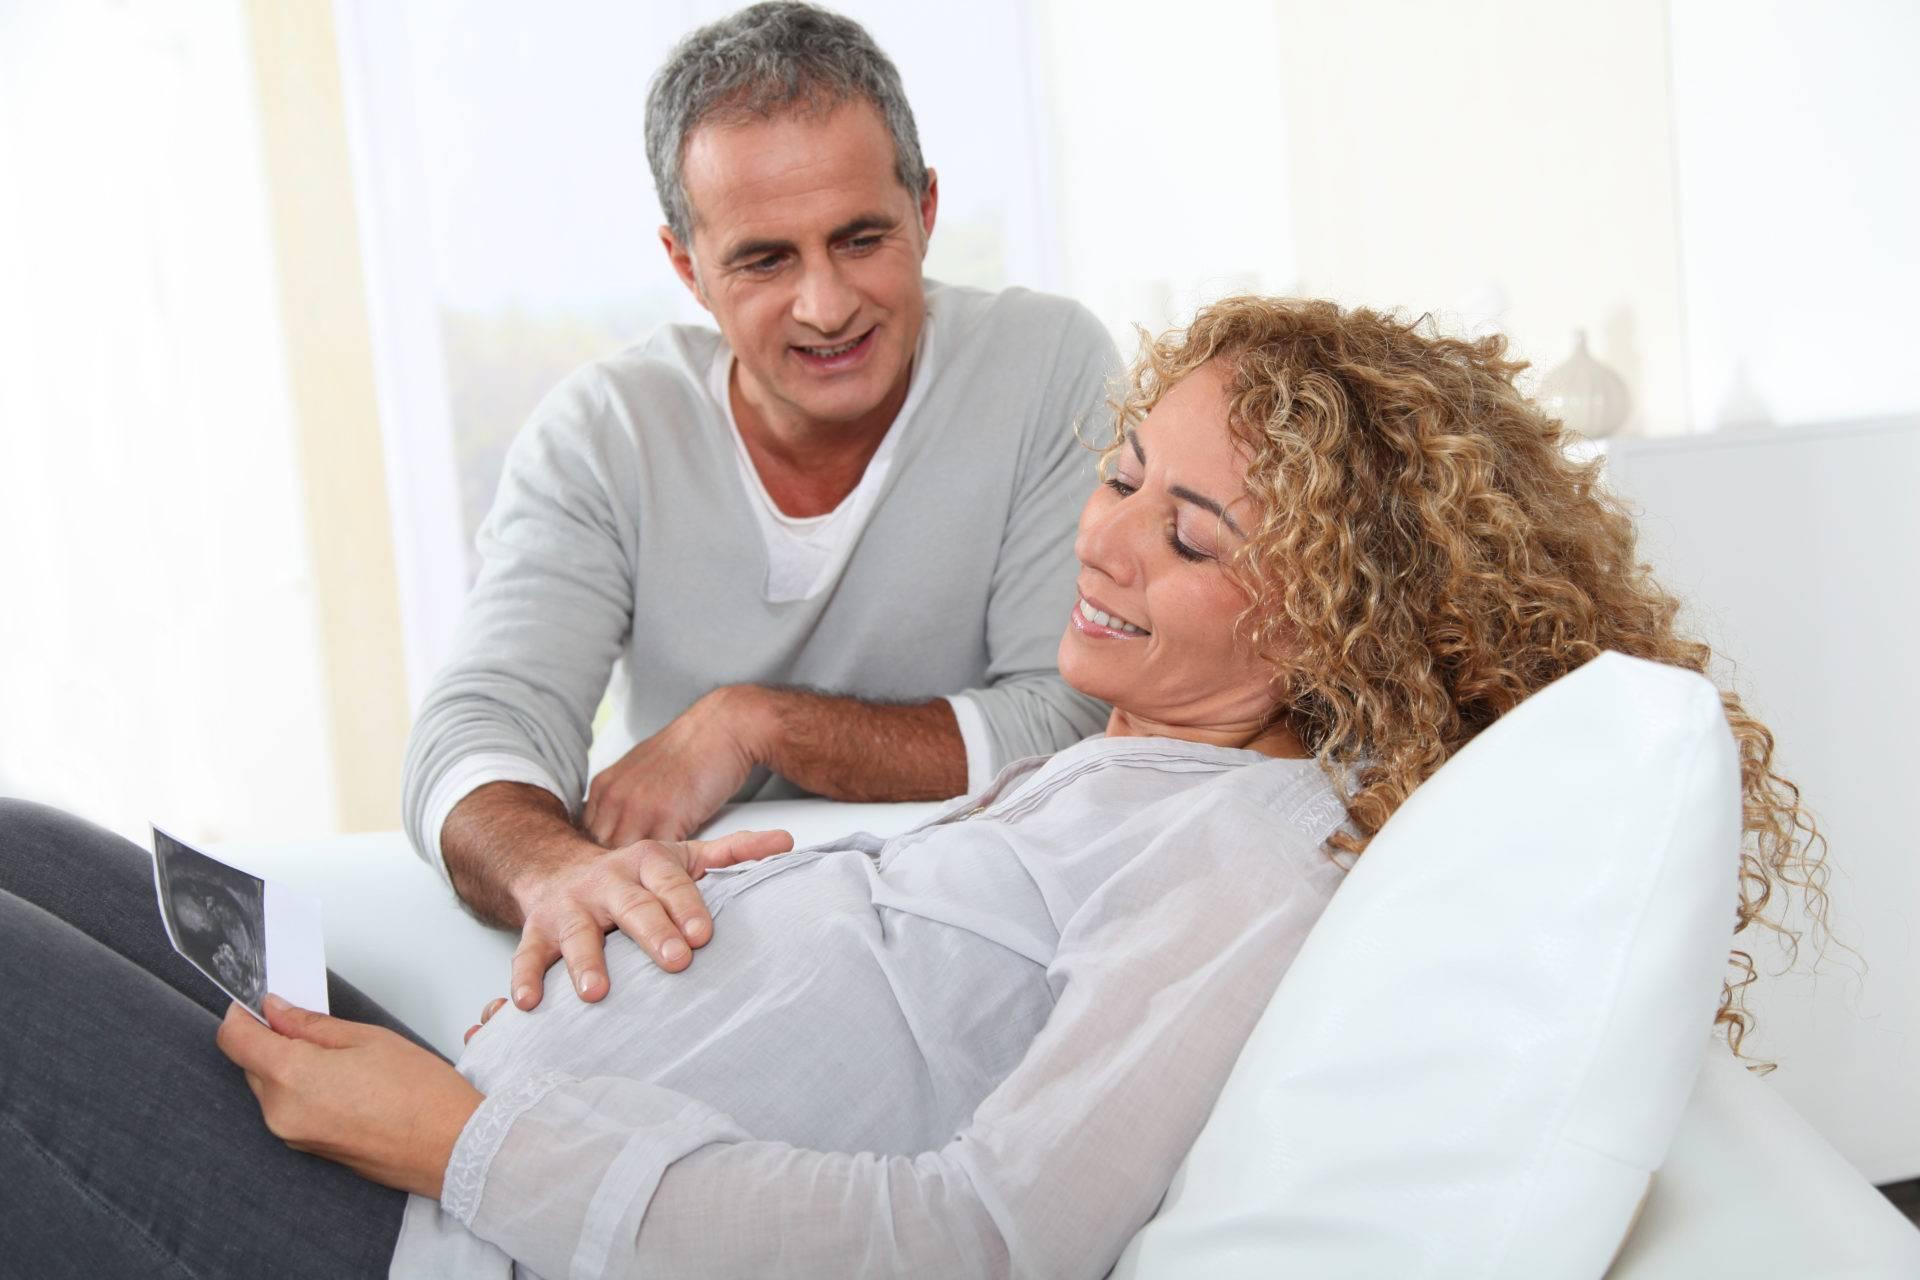 Эко после 40 лет: всегда ли беременность бывает успешной с первого раза, какова гарантия родить здорового ребенка и какие варианты проведения  операции существуют?